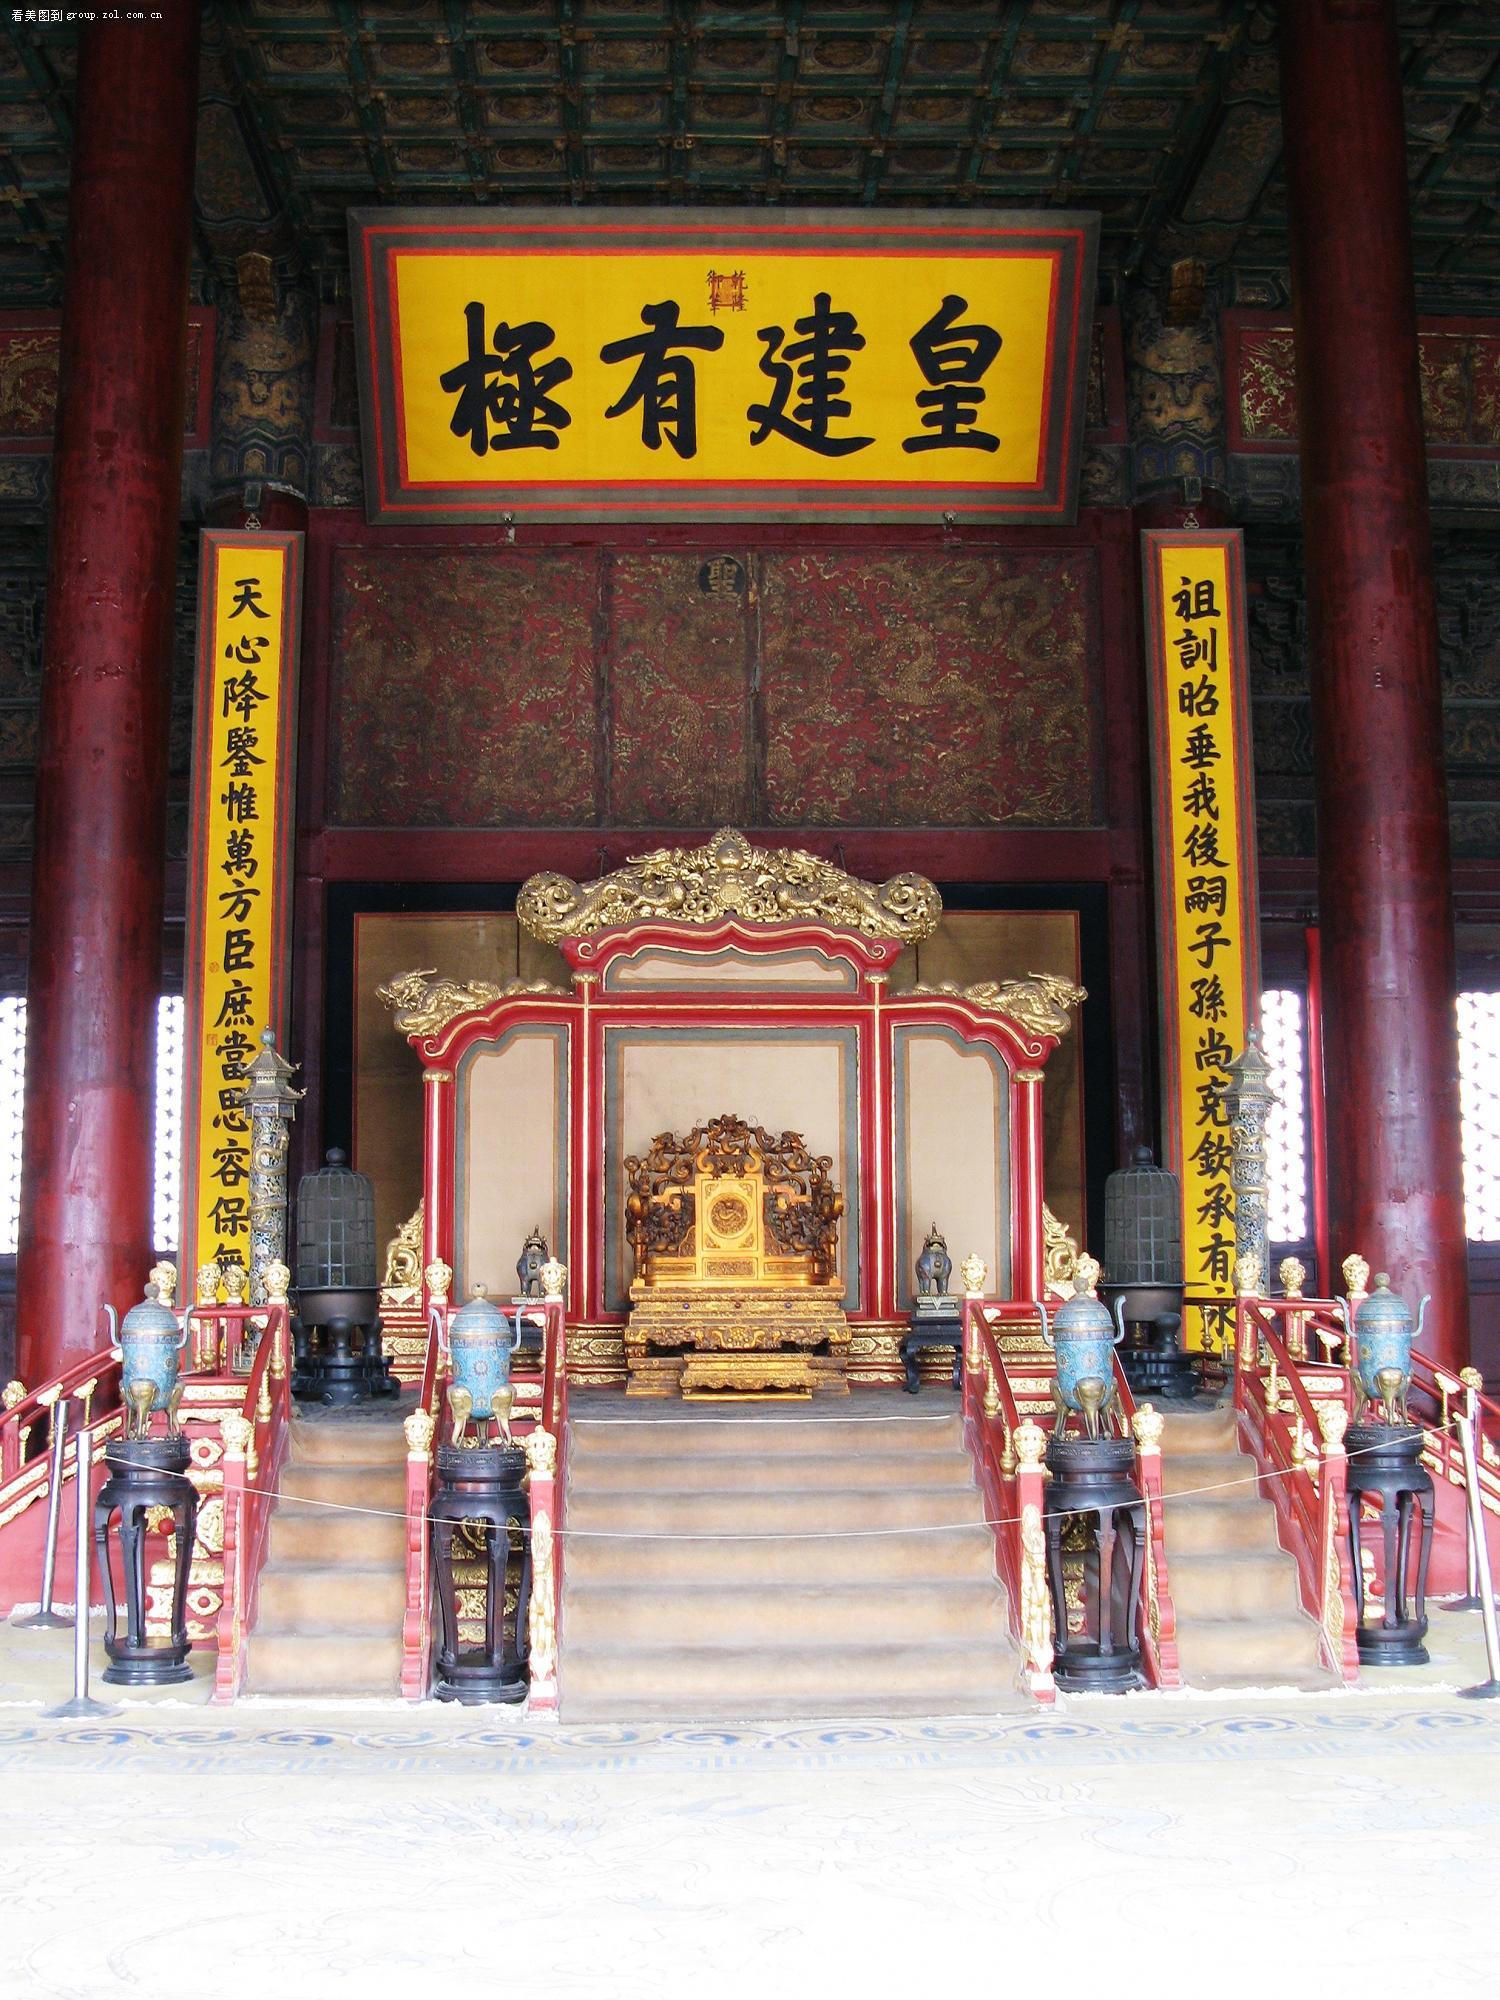 中国三千年来皇帝一览表 - 高从杰 - 东方文明之光-备份博客一号